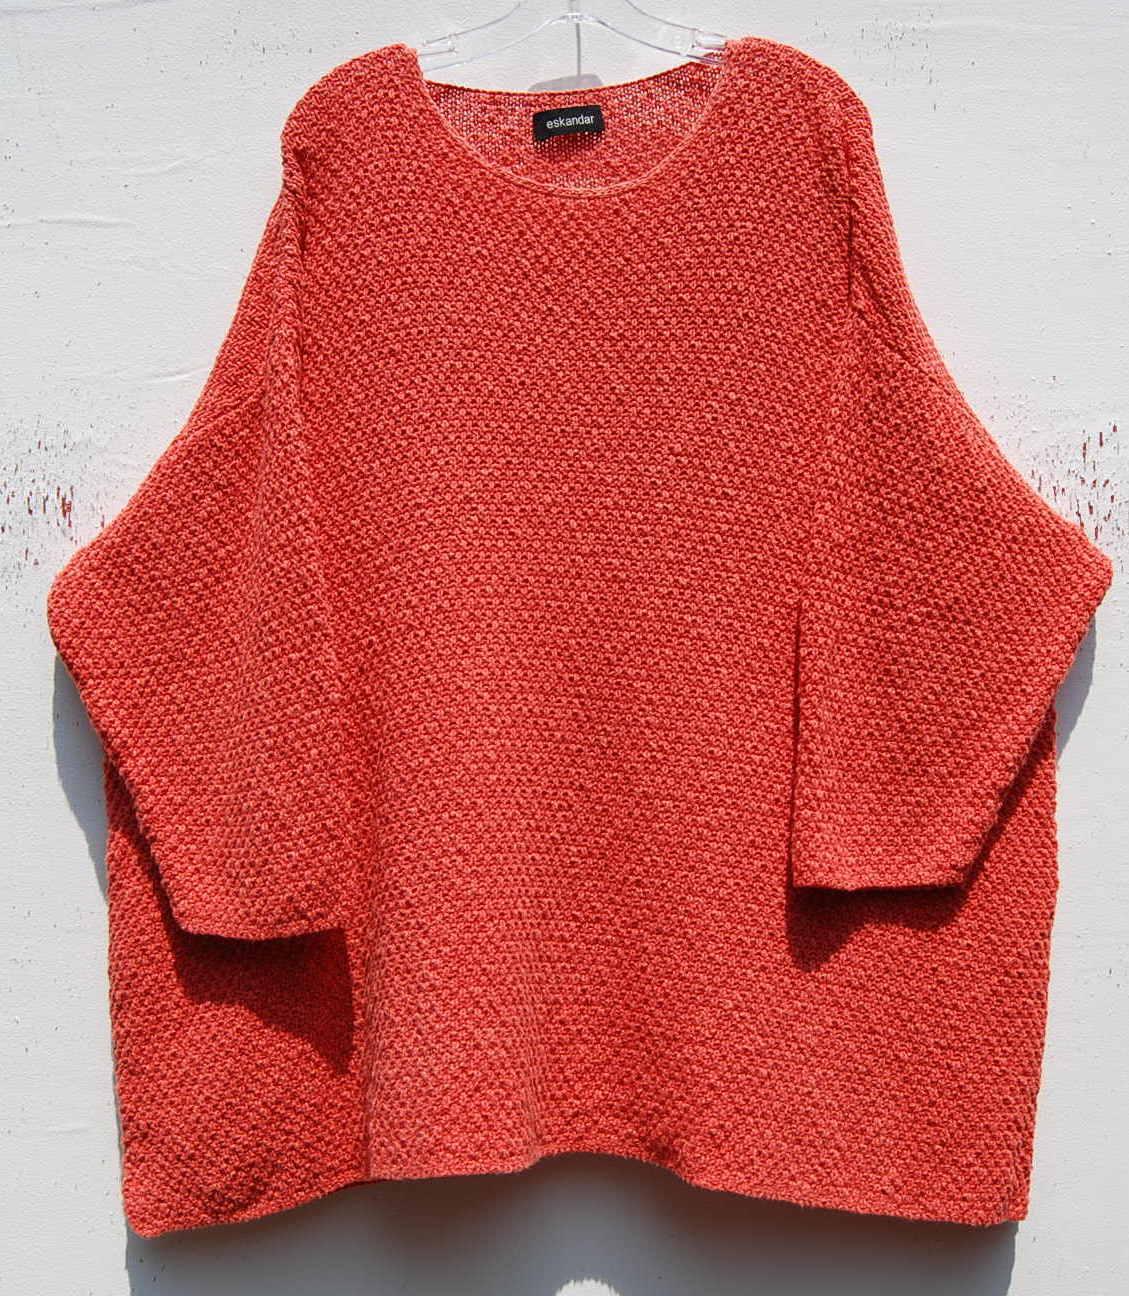 Eskandar  handloomed con textura de peso pesado cotton linen suéter de sistema operativo  1090  buen precio